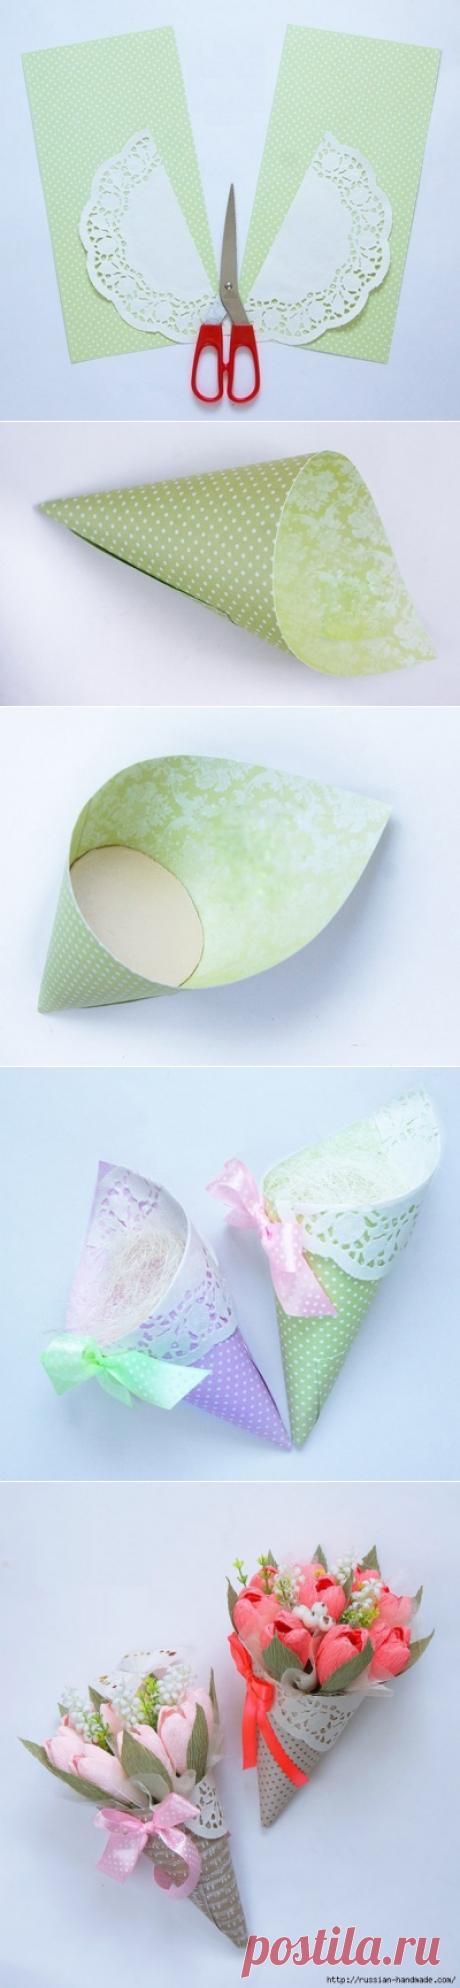 Необычная упаковка для цветов своими руками: мастер-класс — Сделай сам, идеи для творчества - DIY Ideas